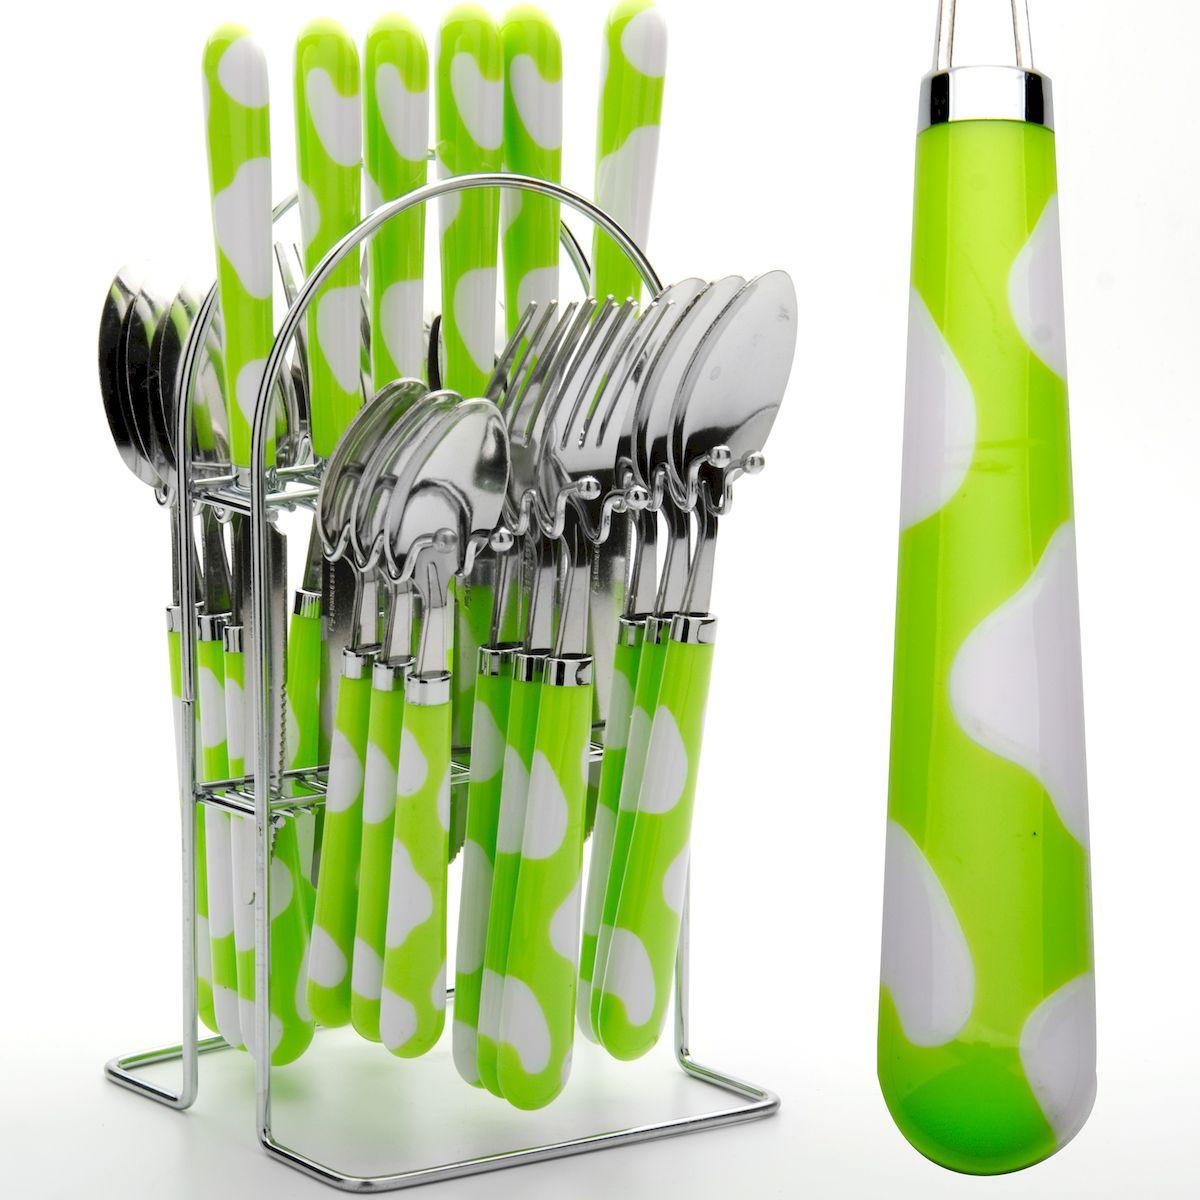 Набор столовых приборов Mayer & Boch, цвет: салатовый, 24 предмета. 224-1-222491-2